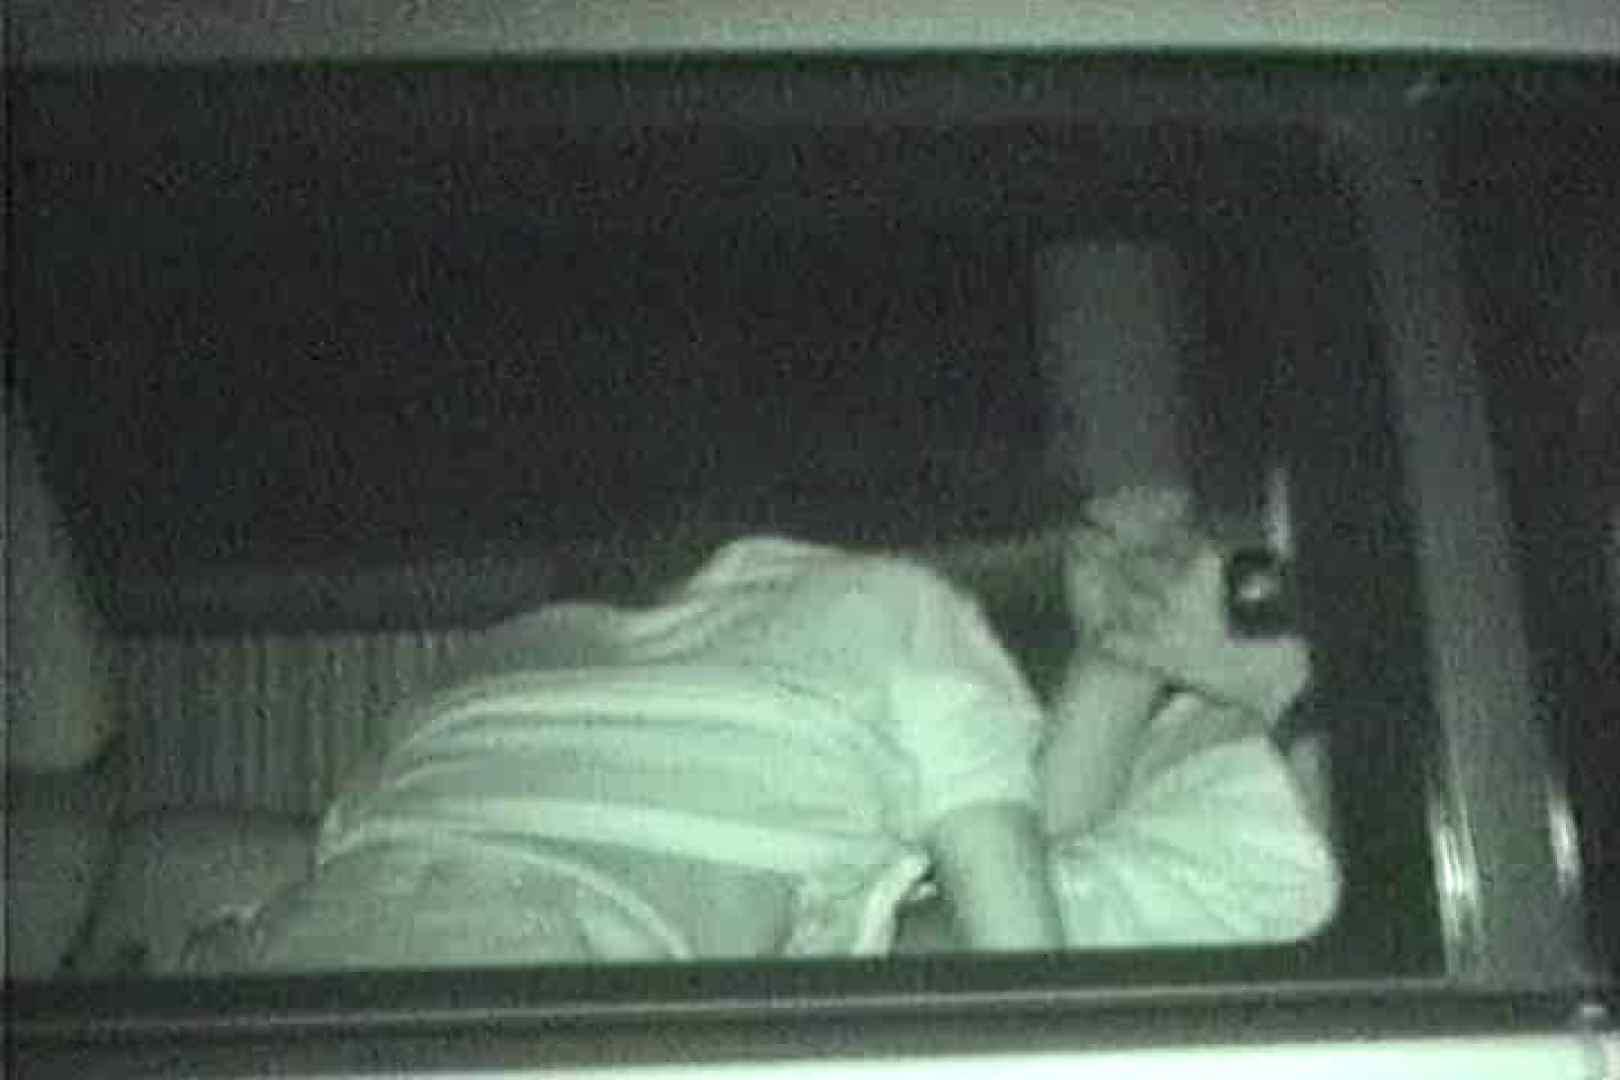 車の中はラブホテル 無修正版  Vol.9 車 オマンコ動画キャプチャ 88連発 63